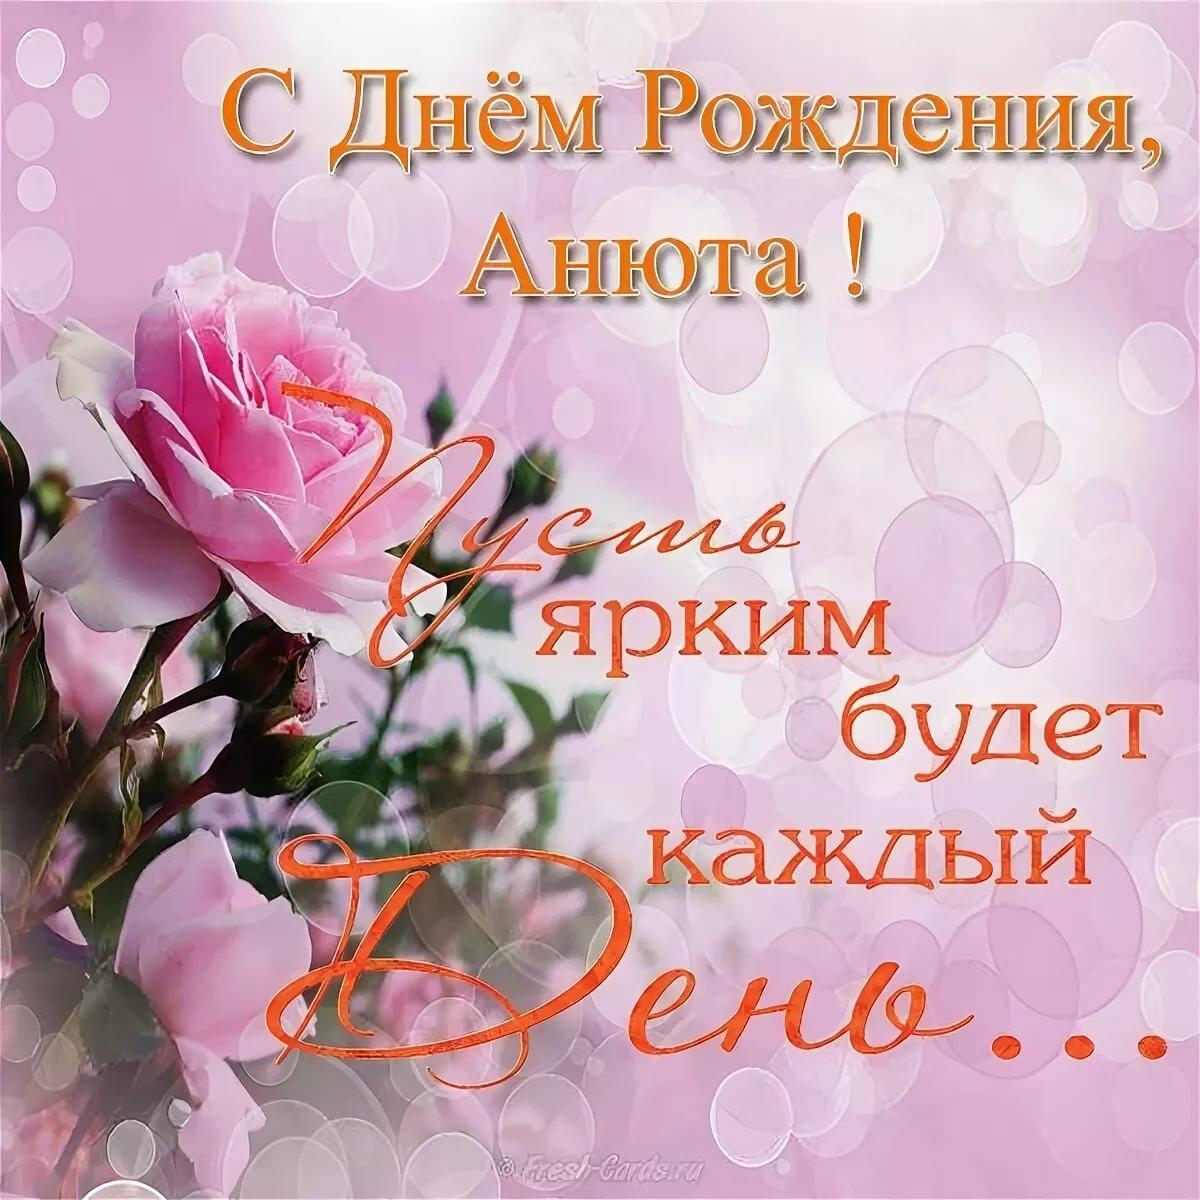 Поздравления с днем рождения в прозе для ани